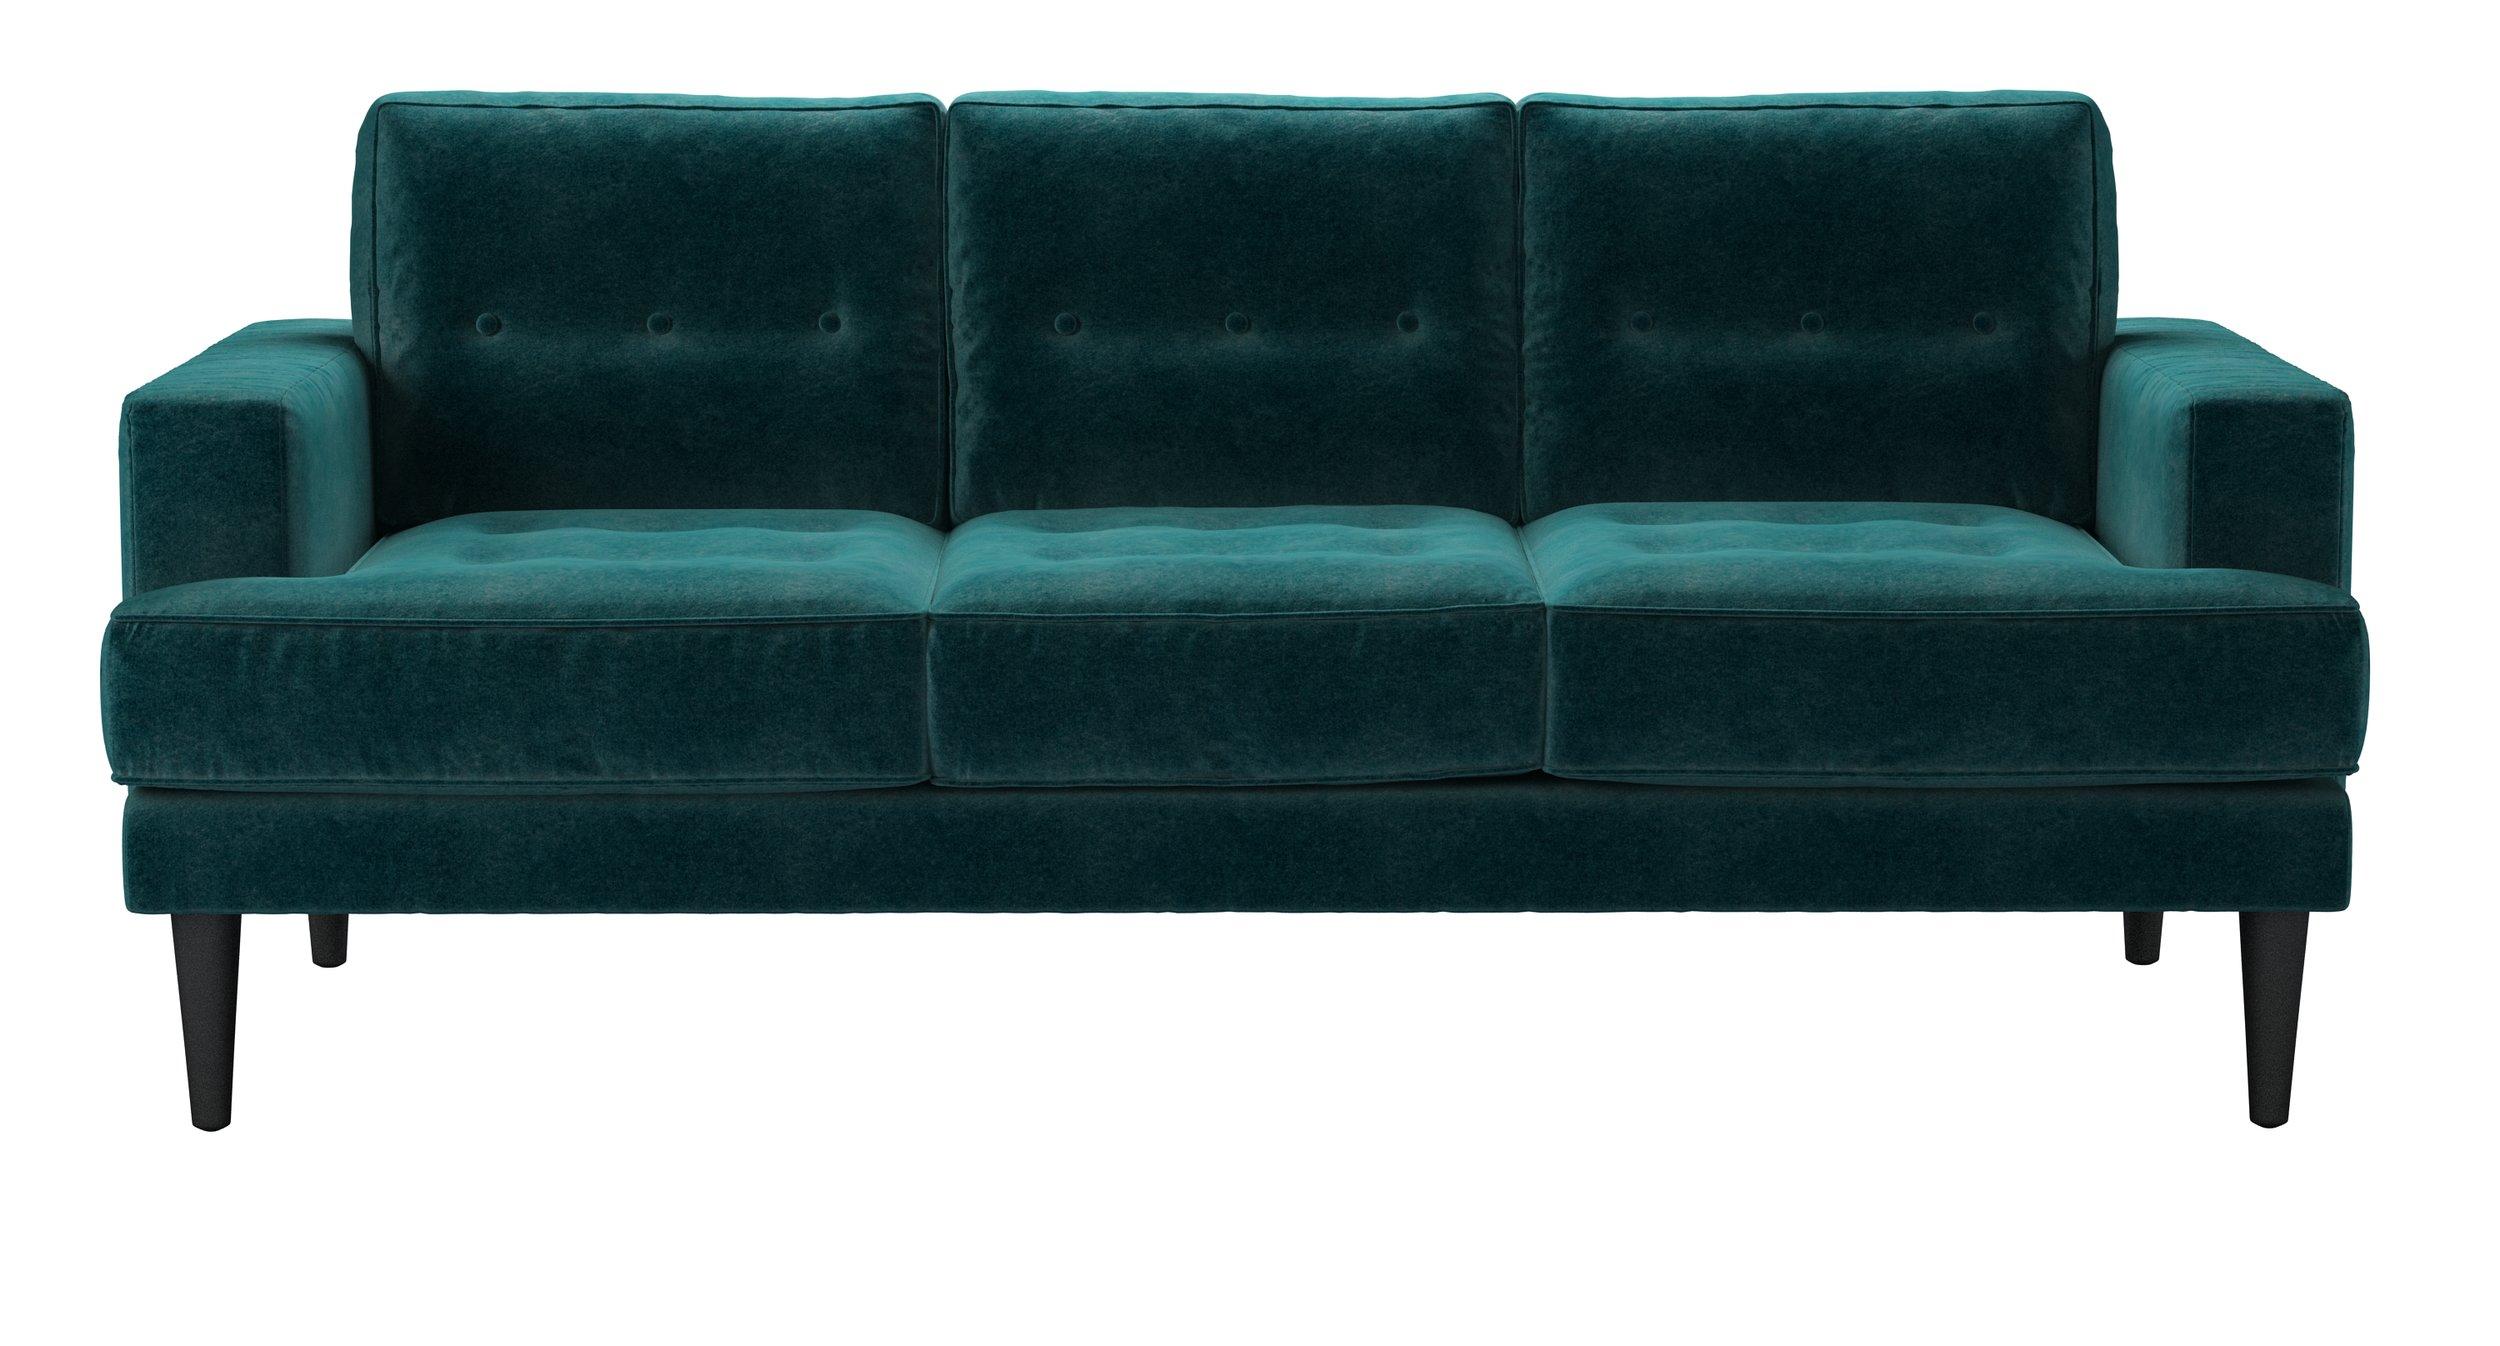 Mabel Green sofa.com